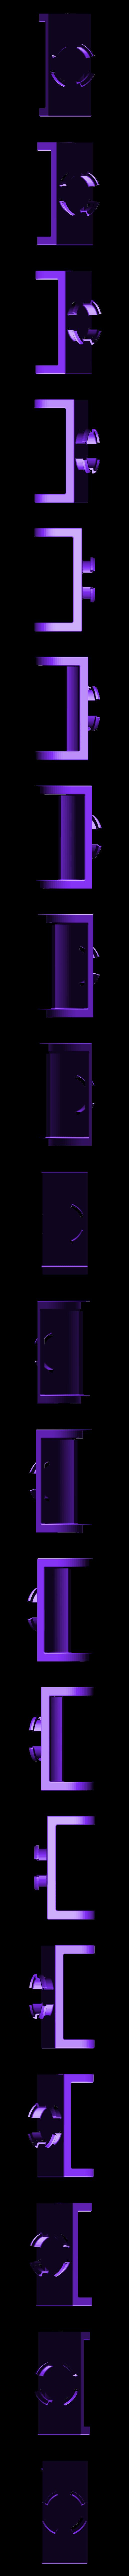 PIVOT.stl Télécharger fichier STL gratuit Prise en charge de l'écran Rasperry Clone • Design pour imprimante 3D, omni-moulage